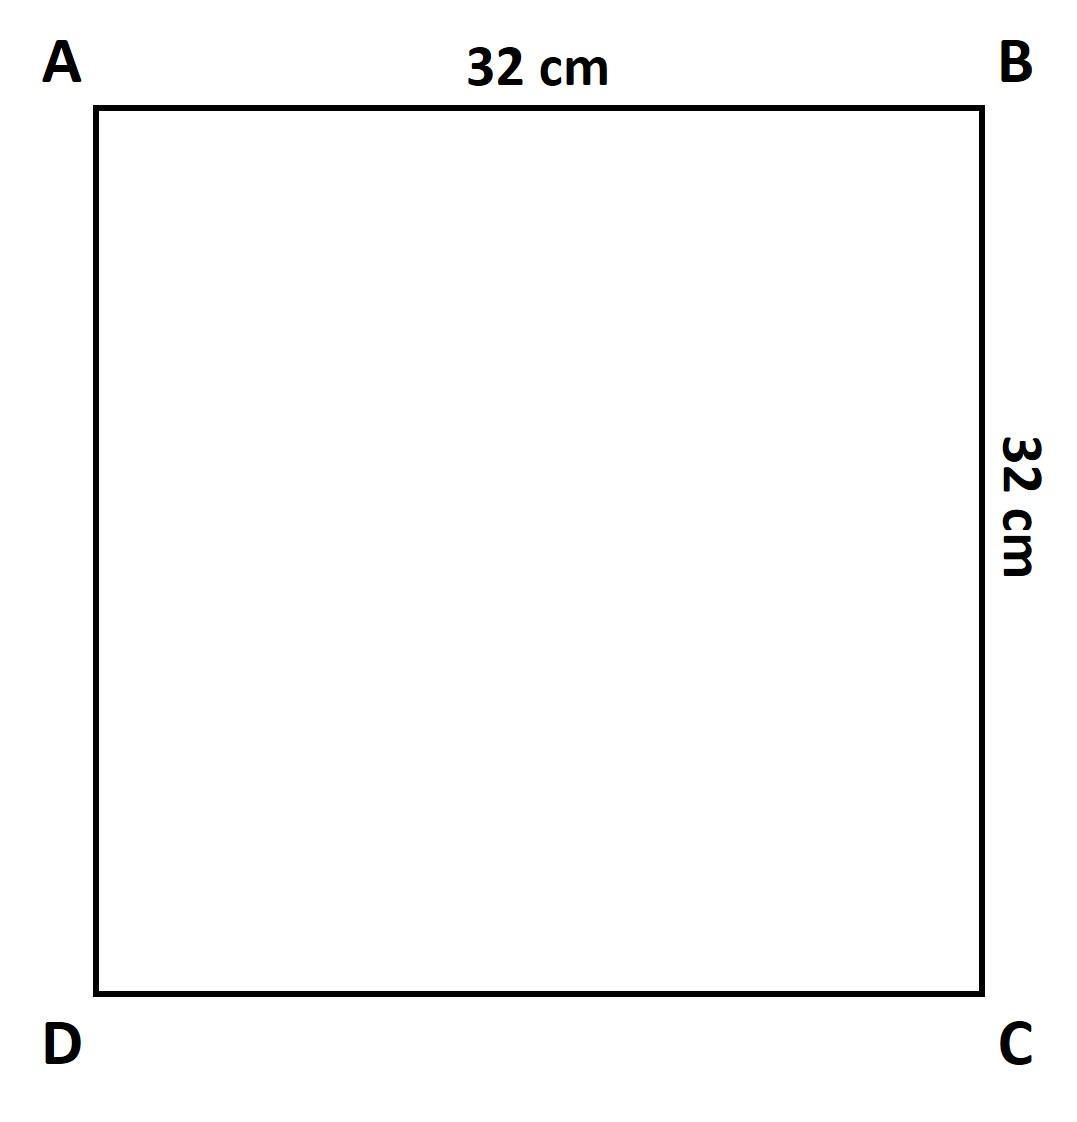 Gambar Segiempat 32x32